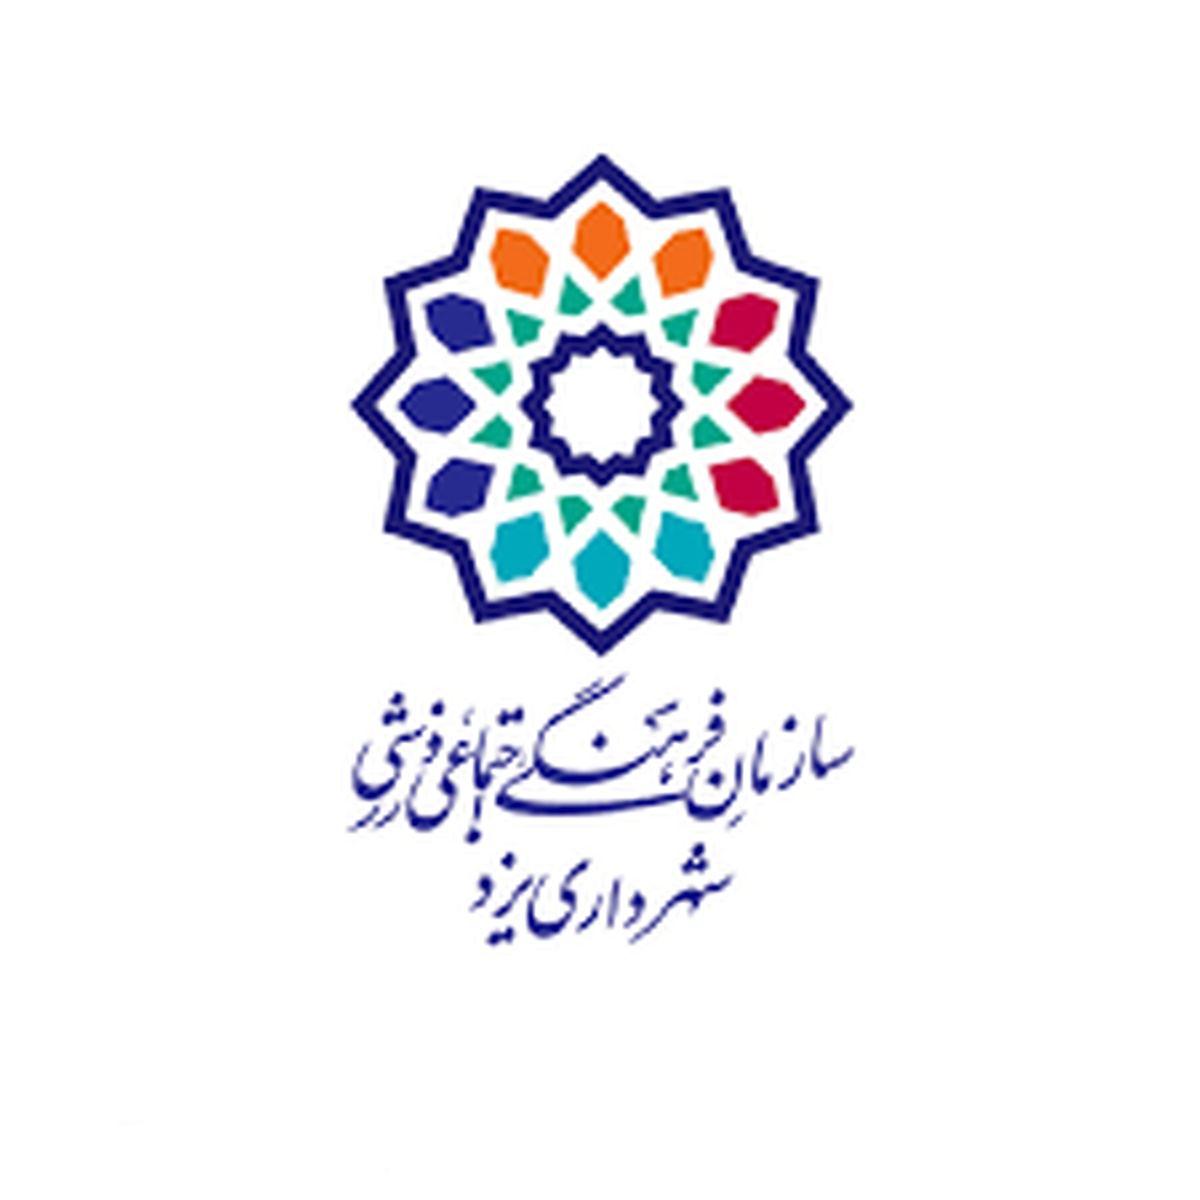 ارائه برنامه های فرهنگی کنگره 4 هزار شهید استان با رویکردهای نوین